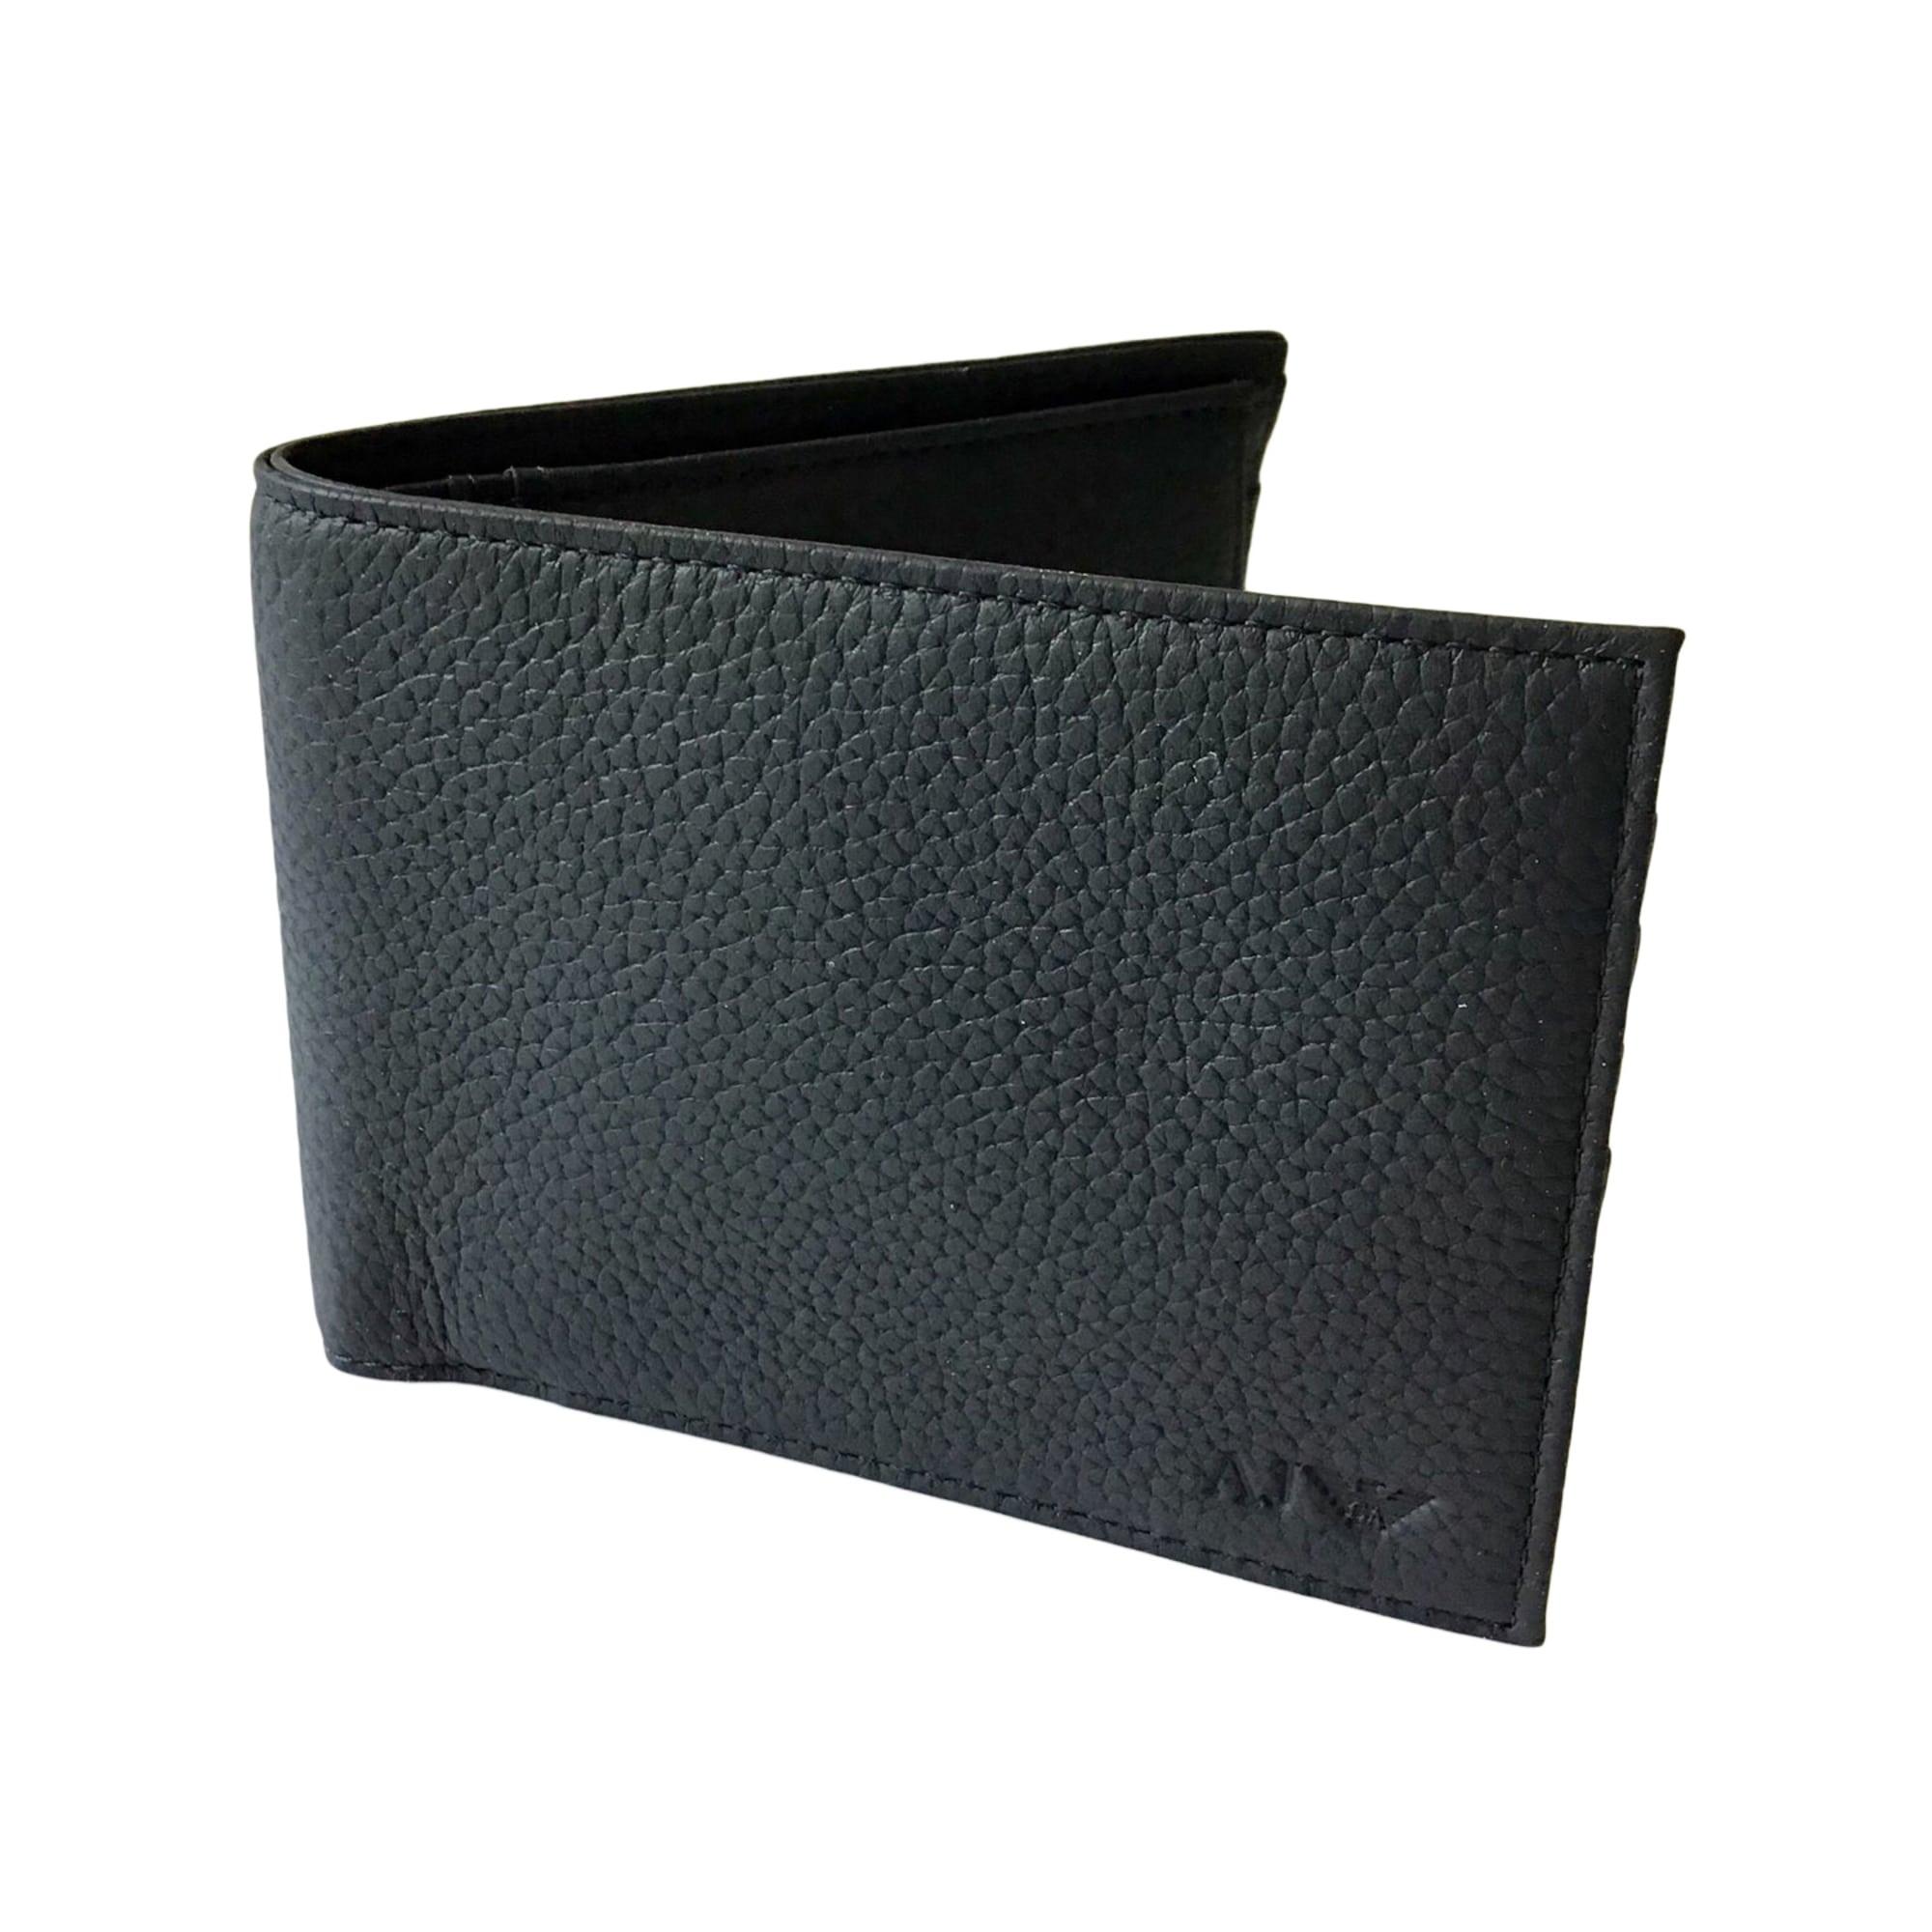 23d3c27fdc3 Portefeuille ARMANI JEANS noir vendu par Fethi 17 - 7645522